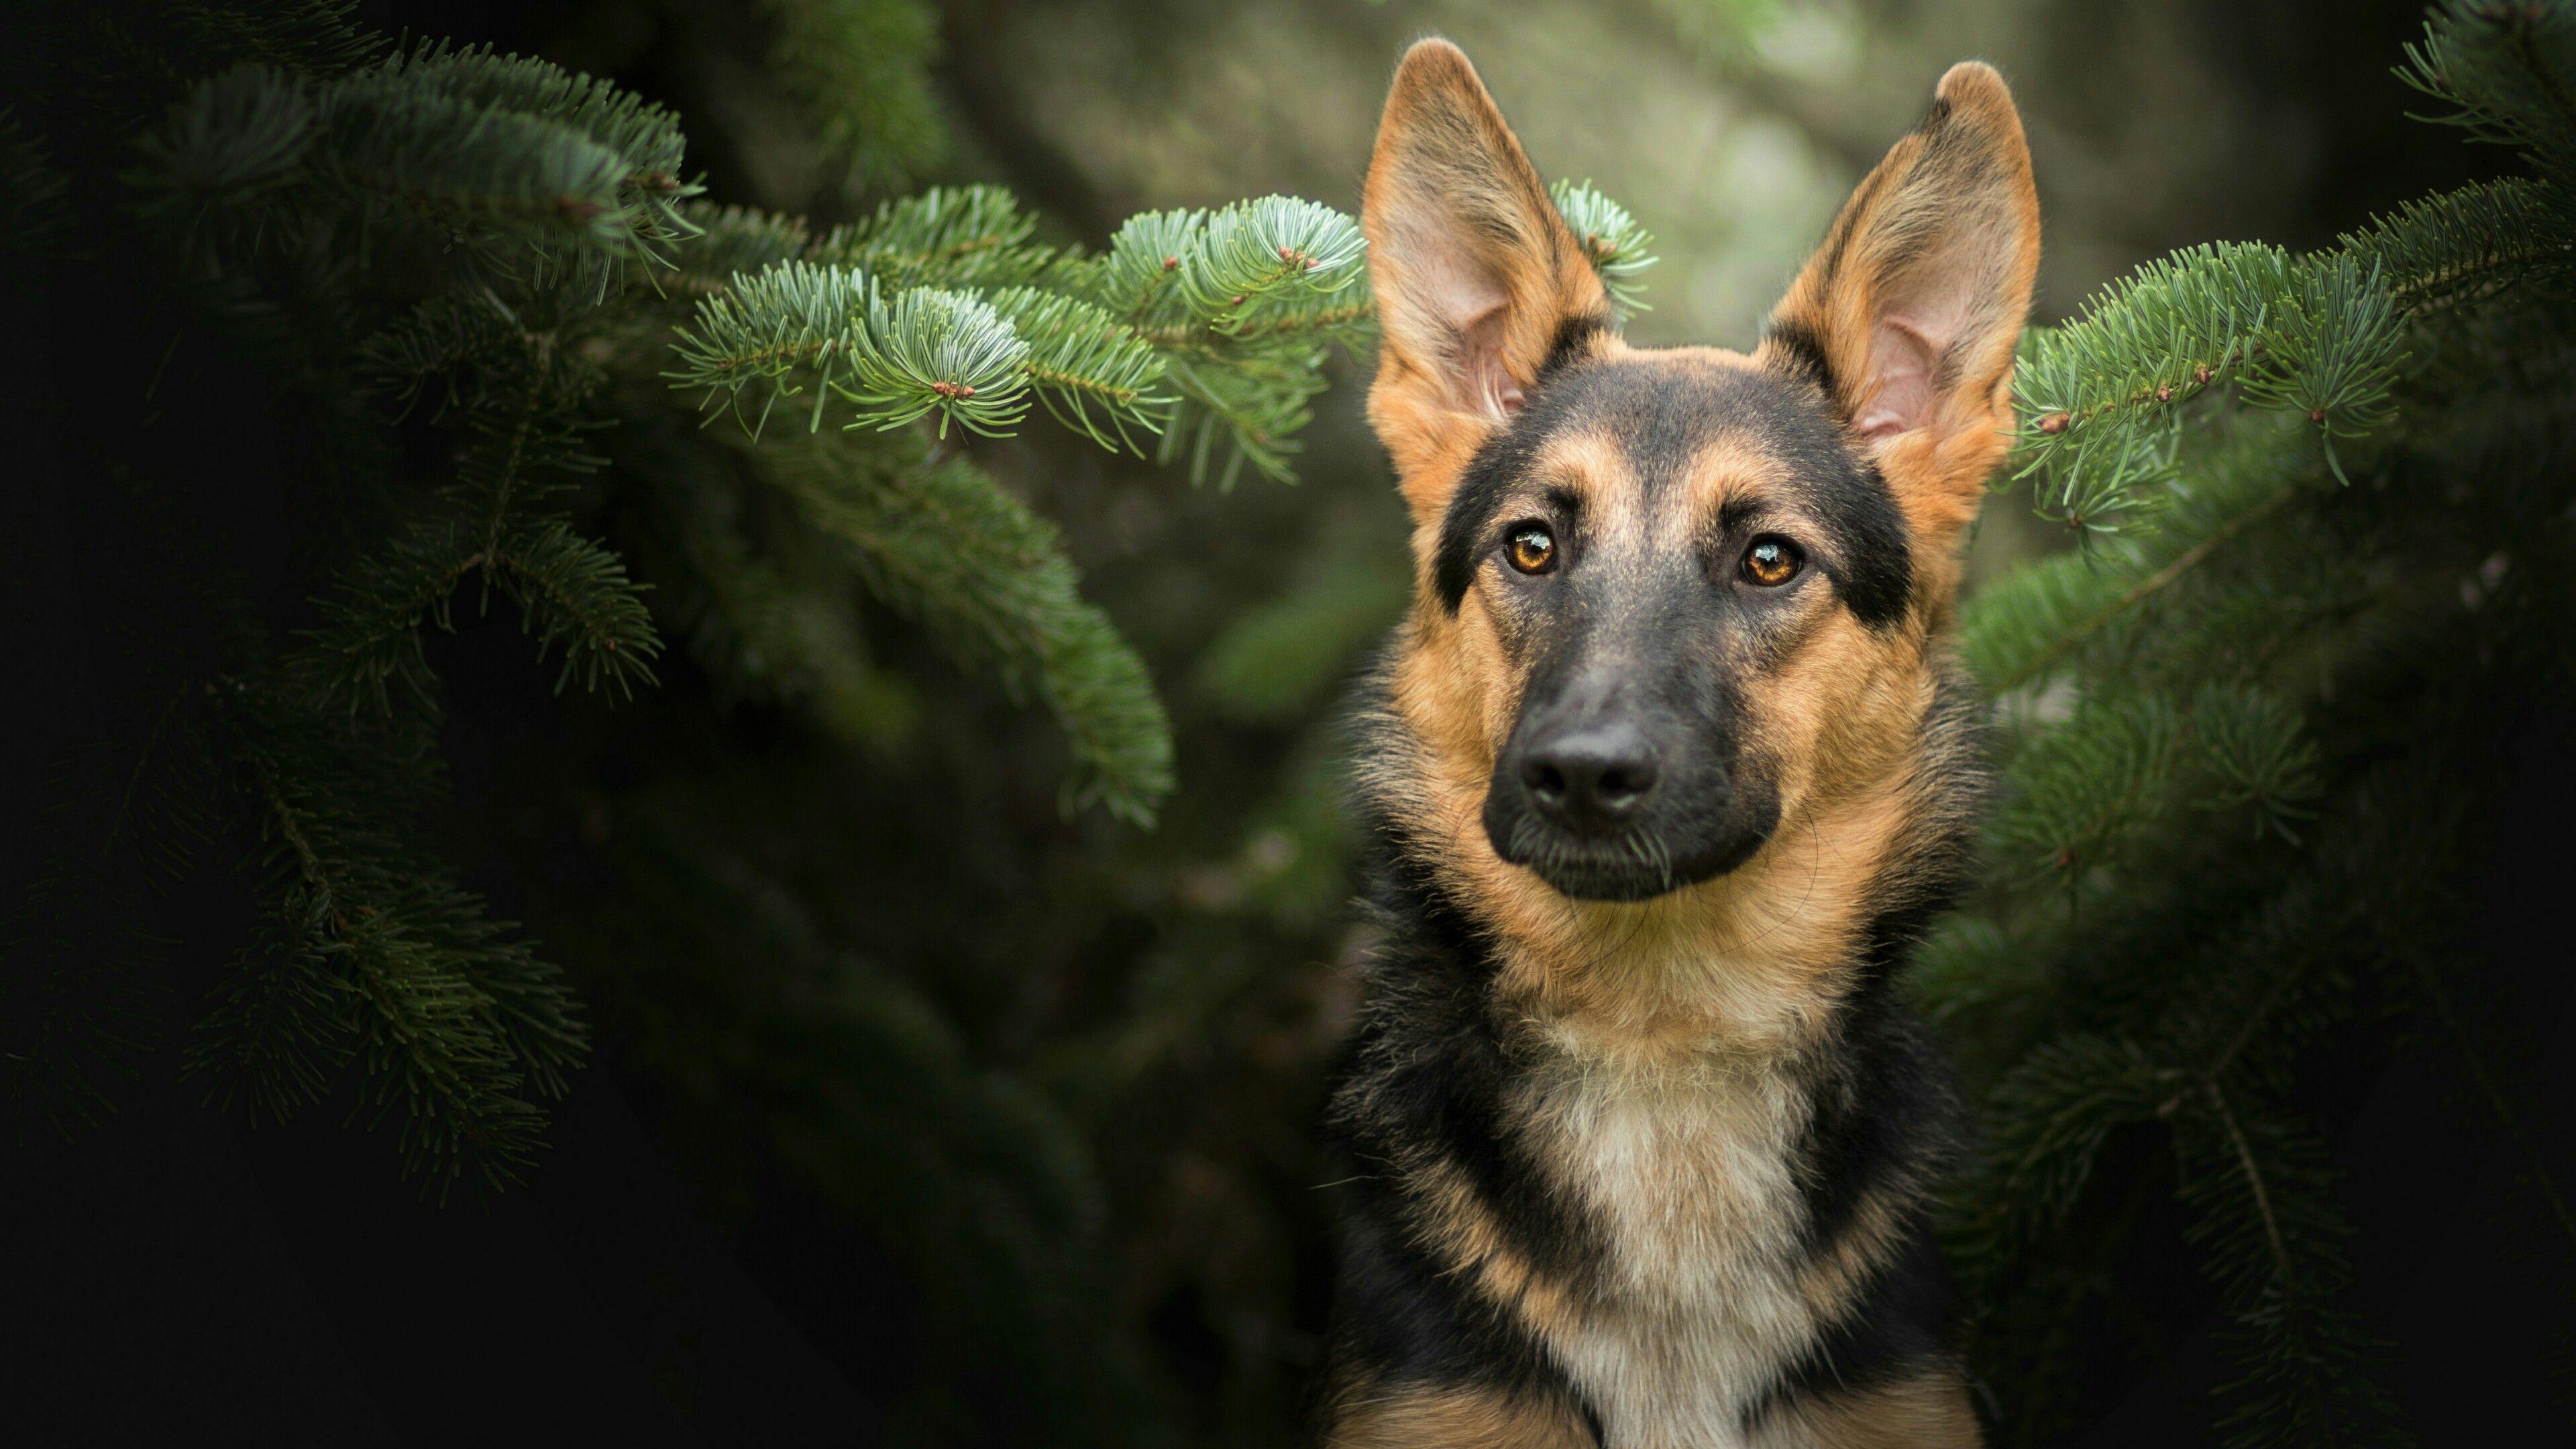 German Shepherd Dog Wallpapers - Top